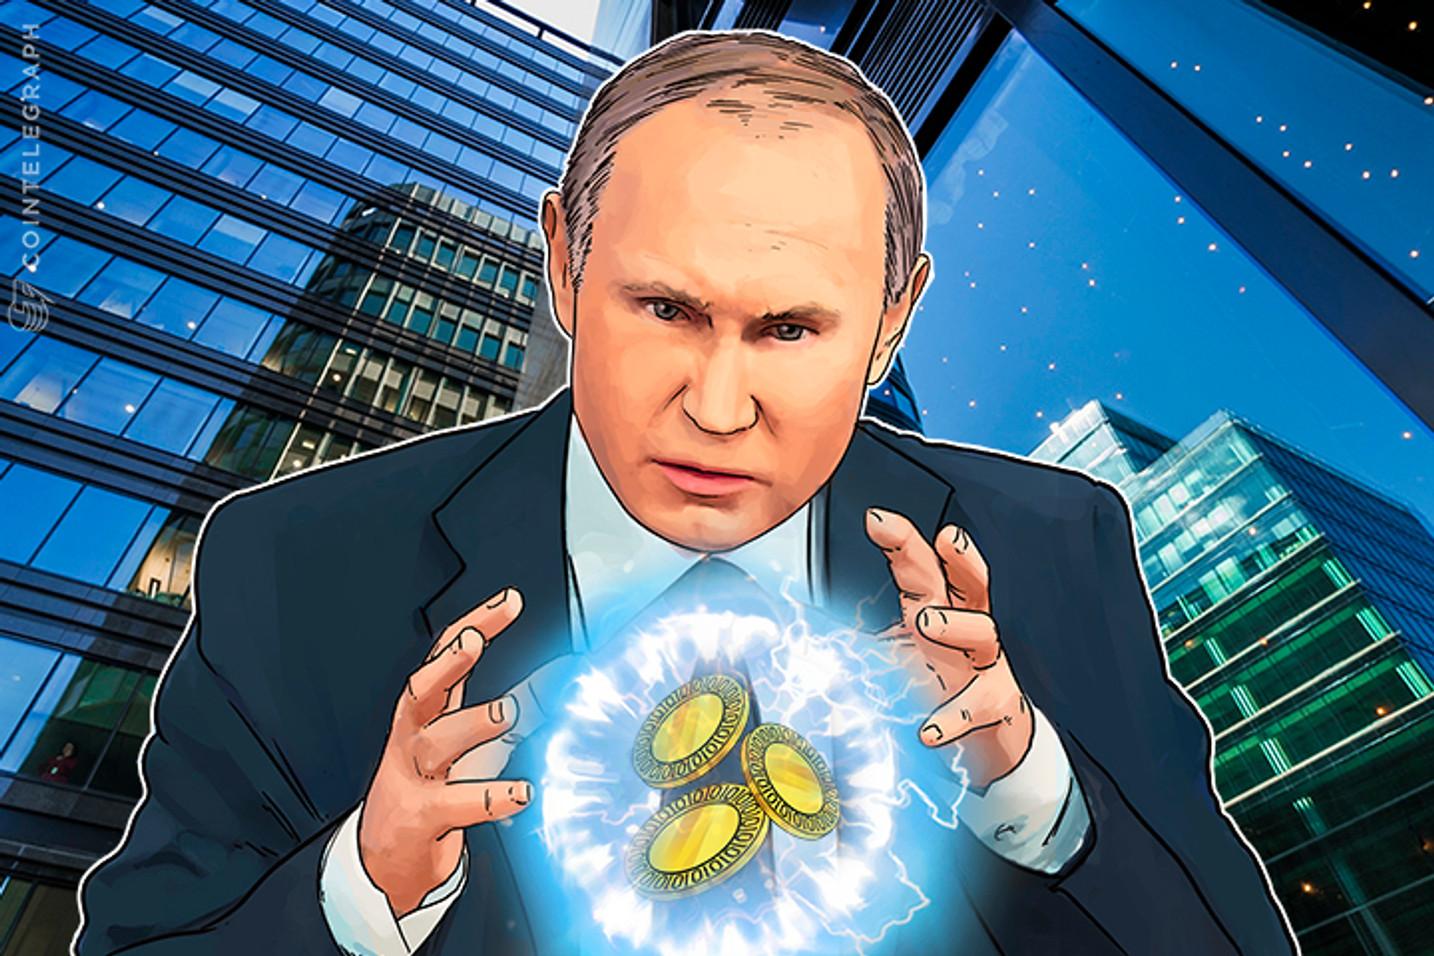 Rusia propone la primera criptomoneda multinacional, Blog de expertos